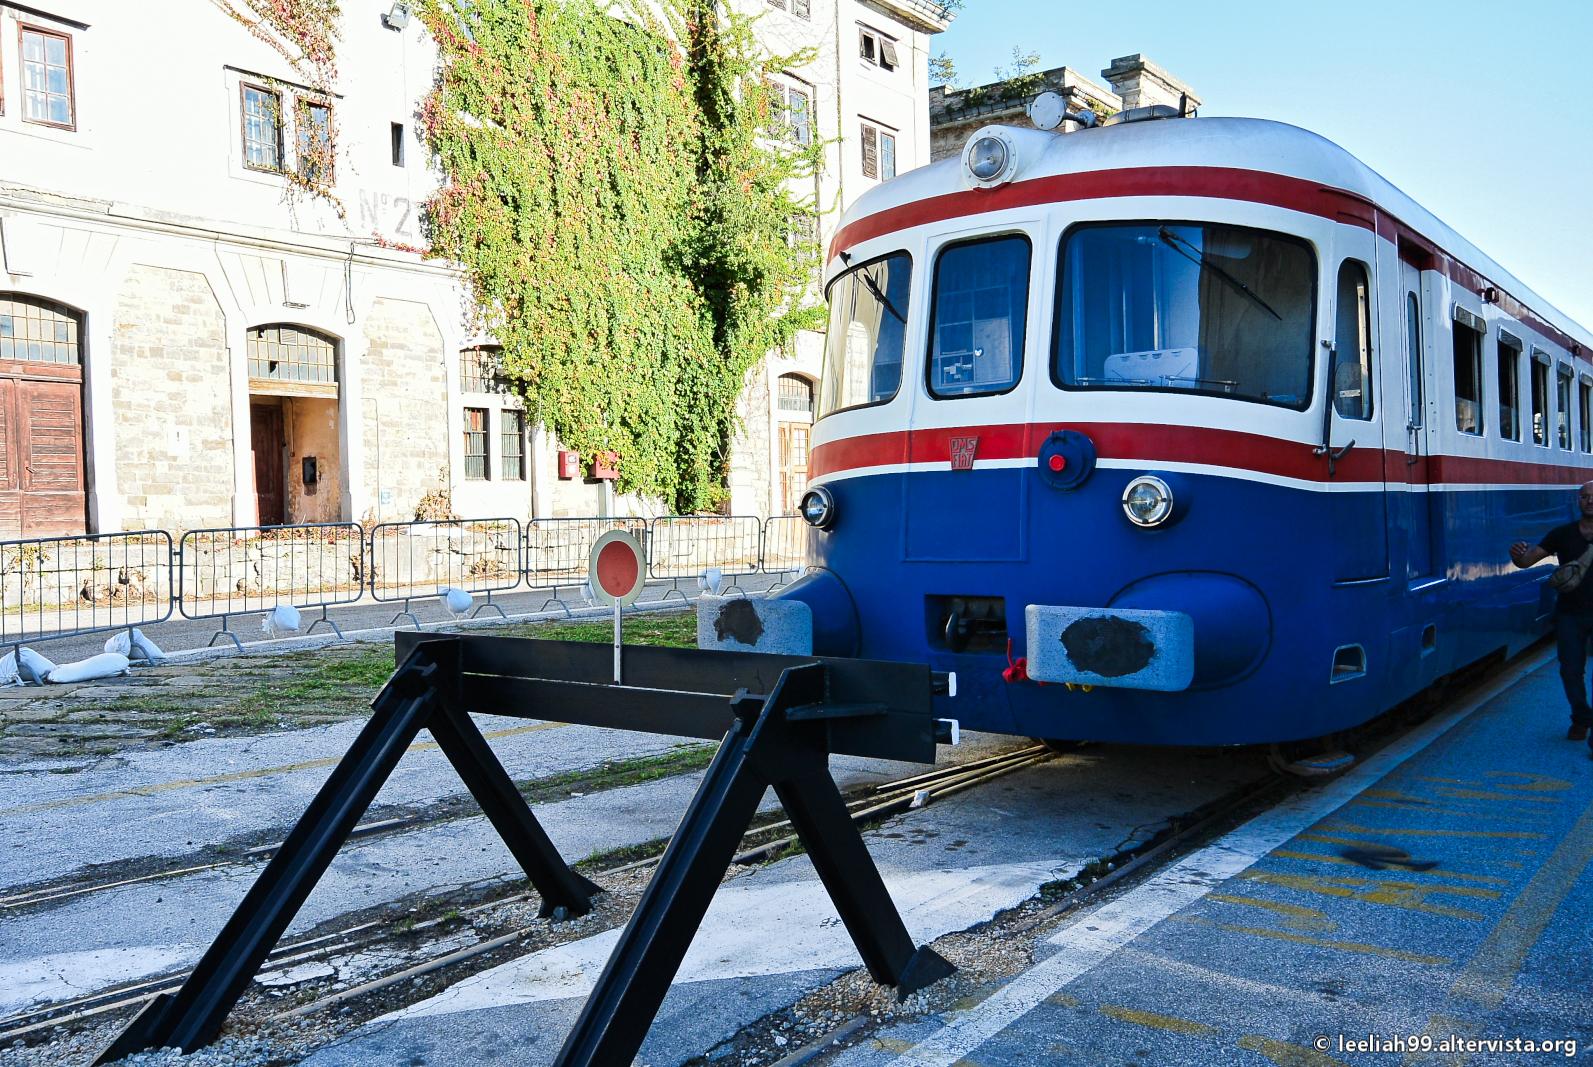 Treno storico AD 803 nel Porto Vecchio di Trieste © leeliah99.altervista.org